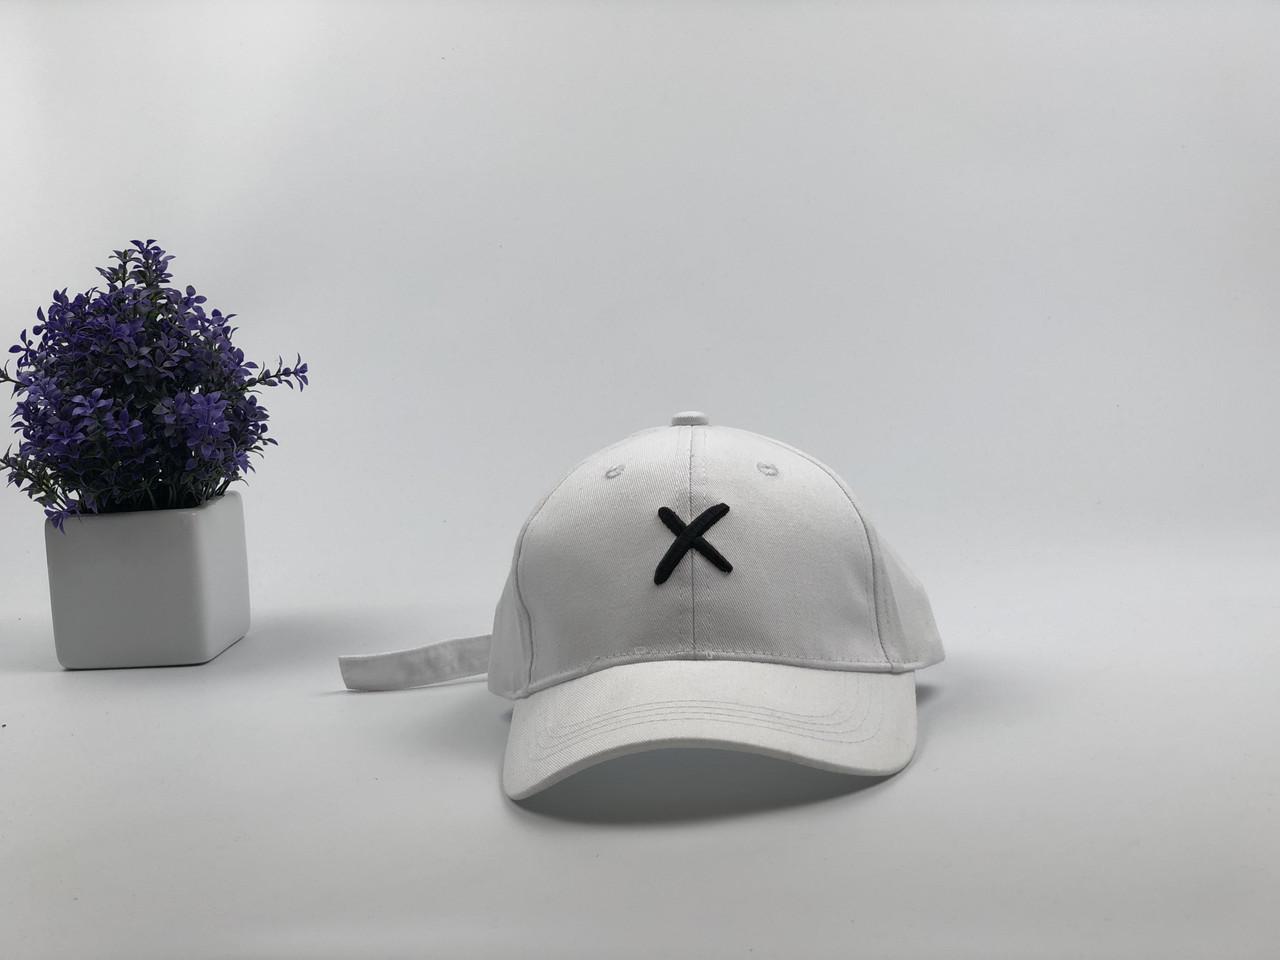 Кепка бейсболка Xotic X (белая)